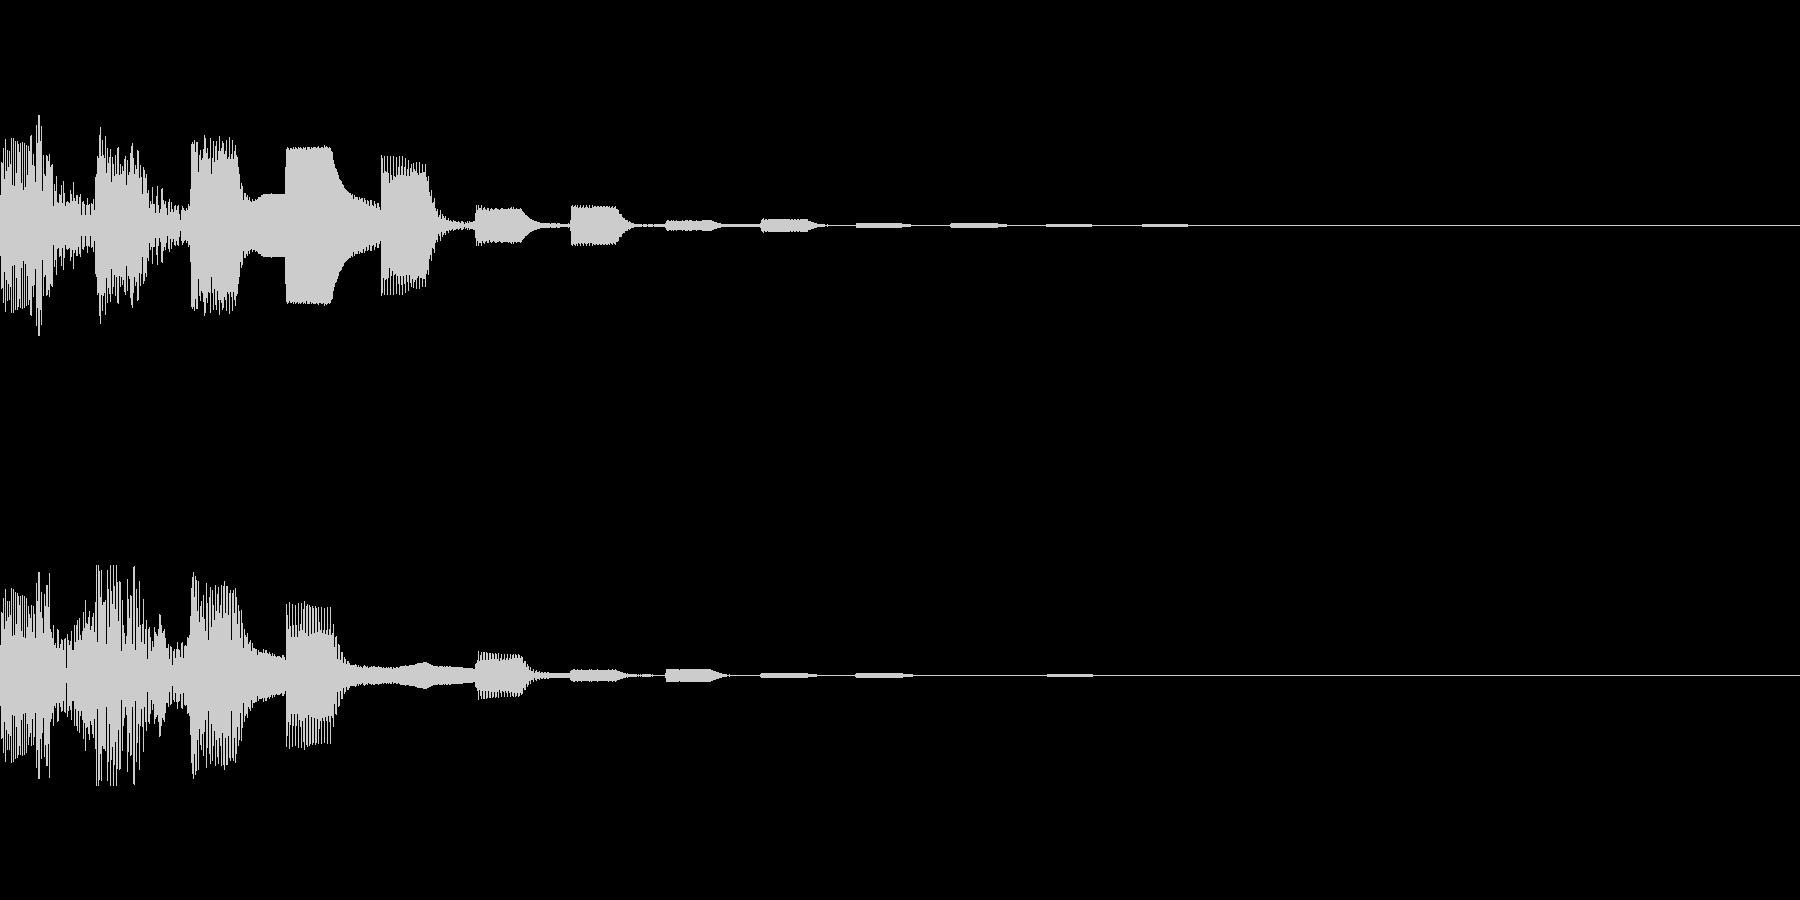 カジノ 言語設定ボタン音パターン3の未再生の波形